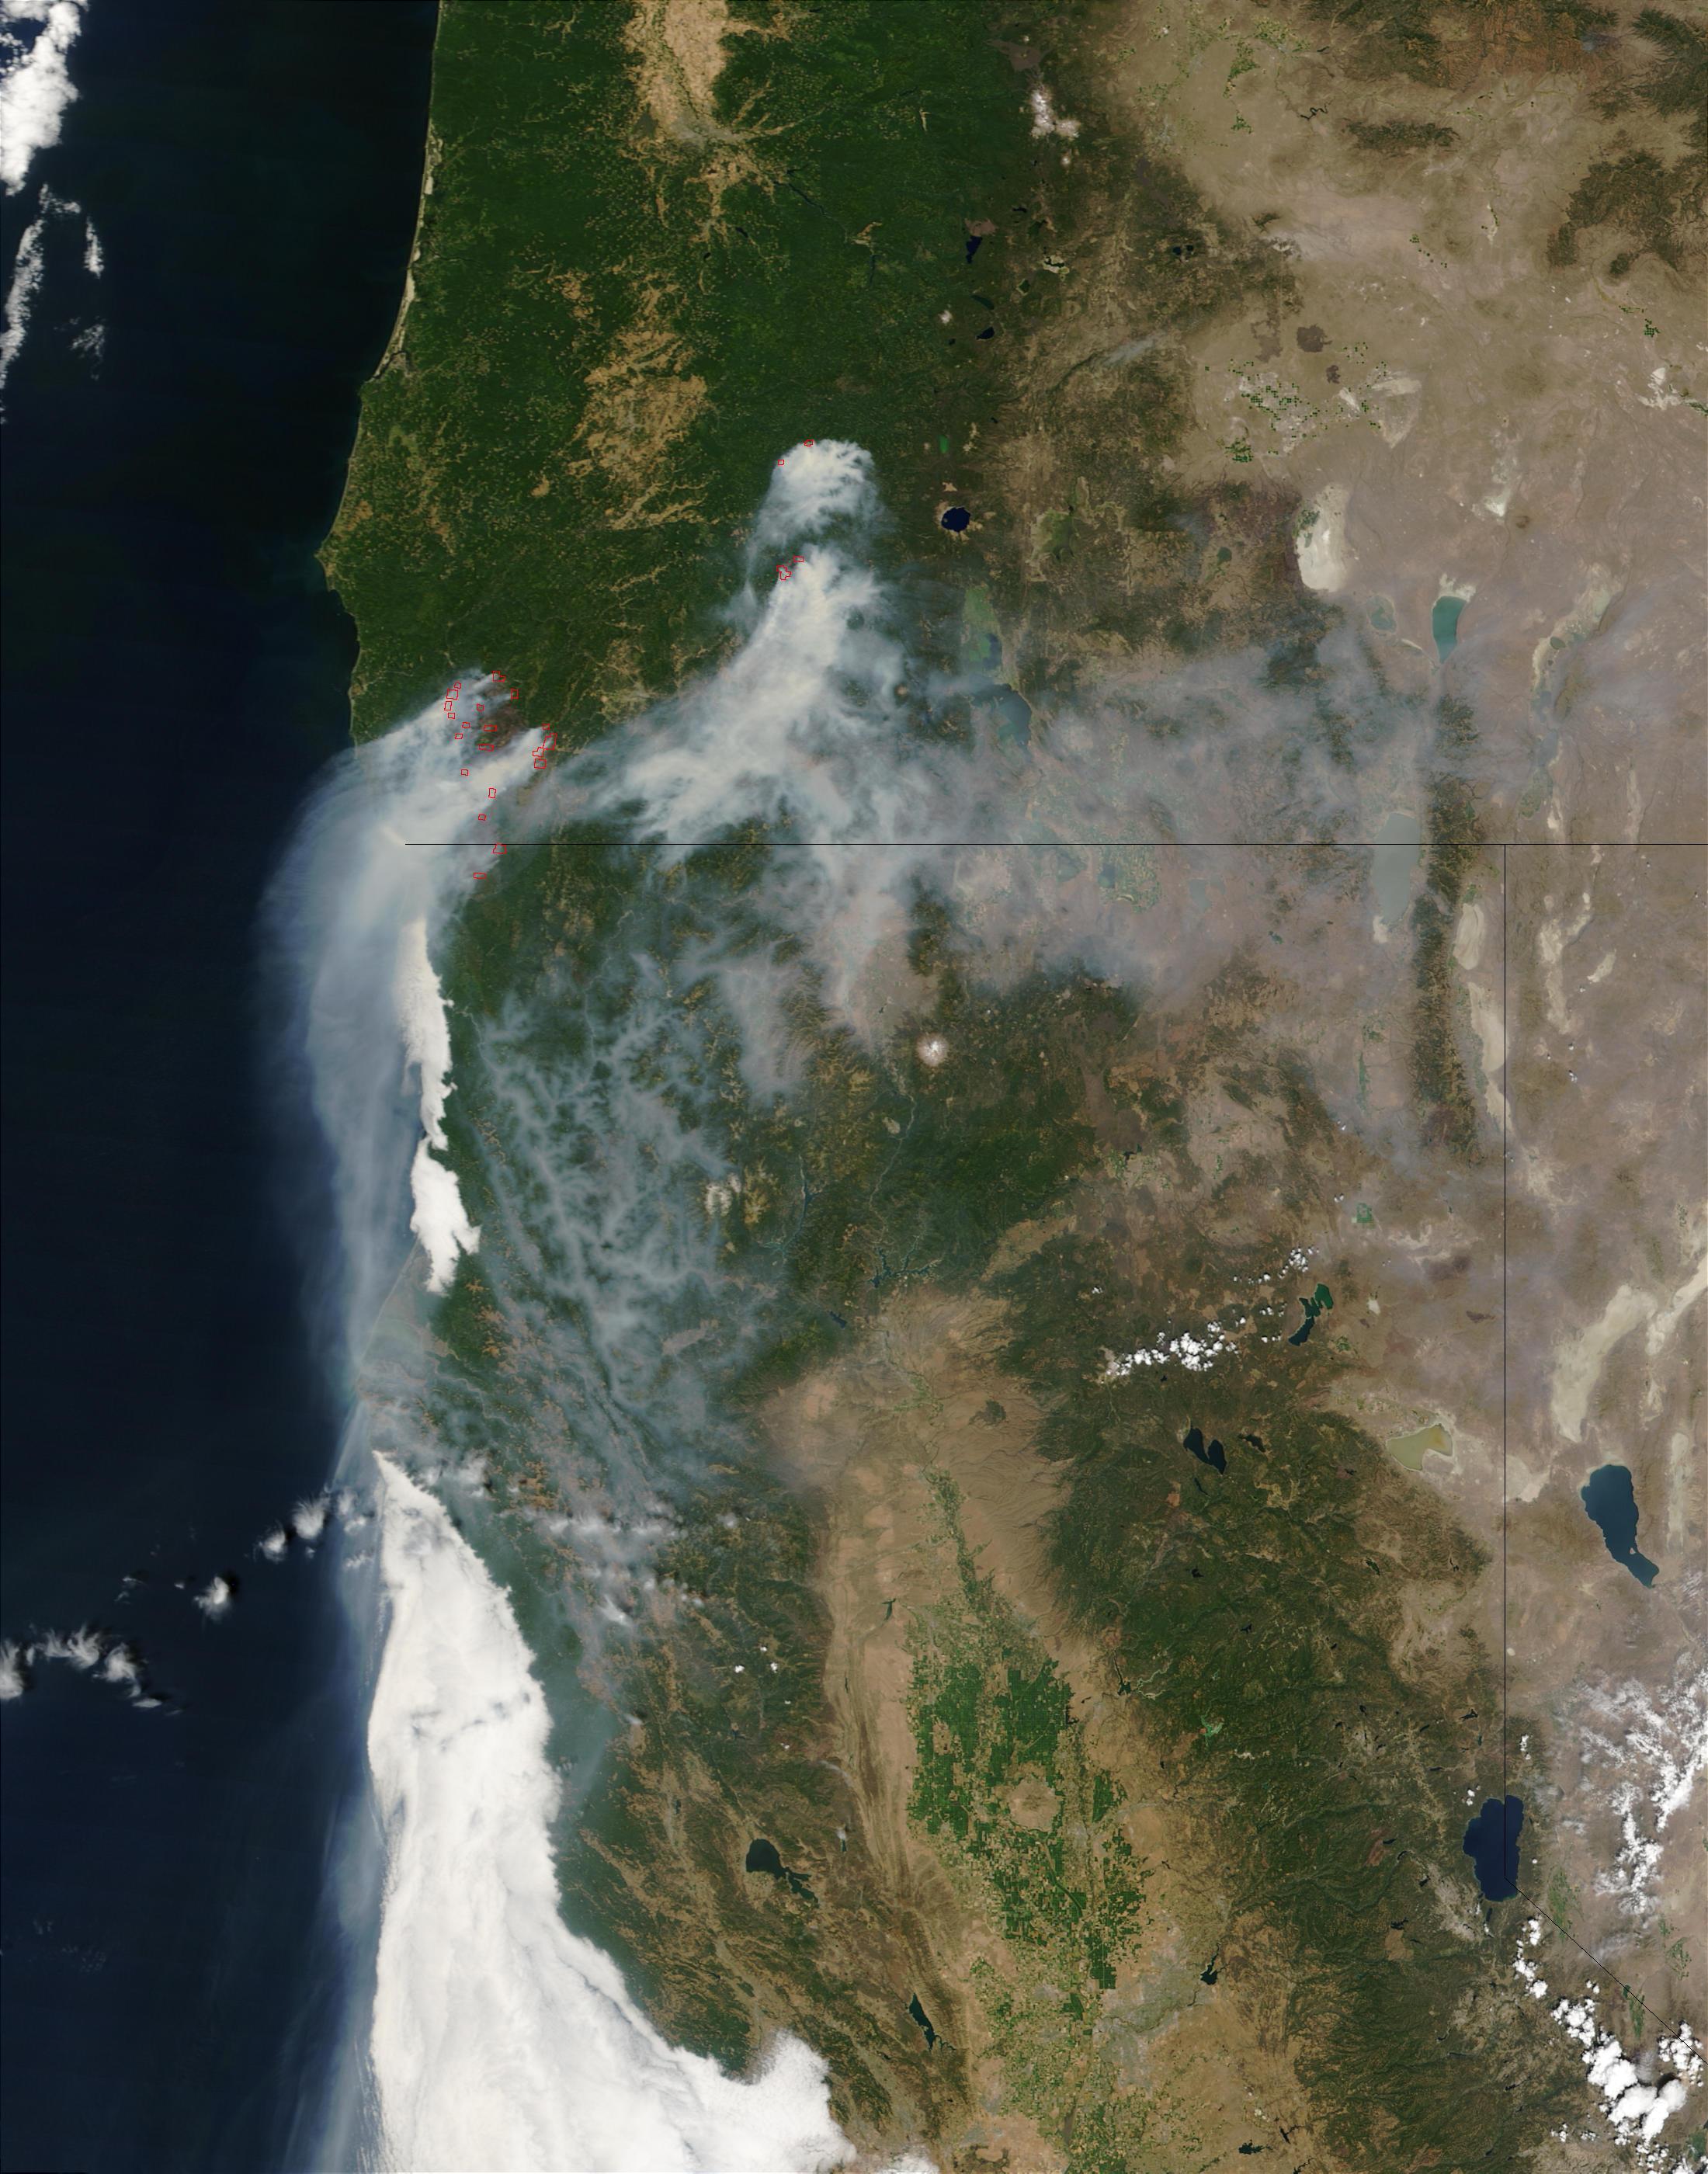 Incendios y humo en Oregón